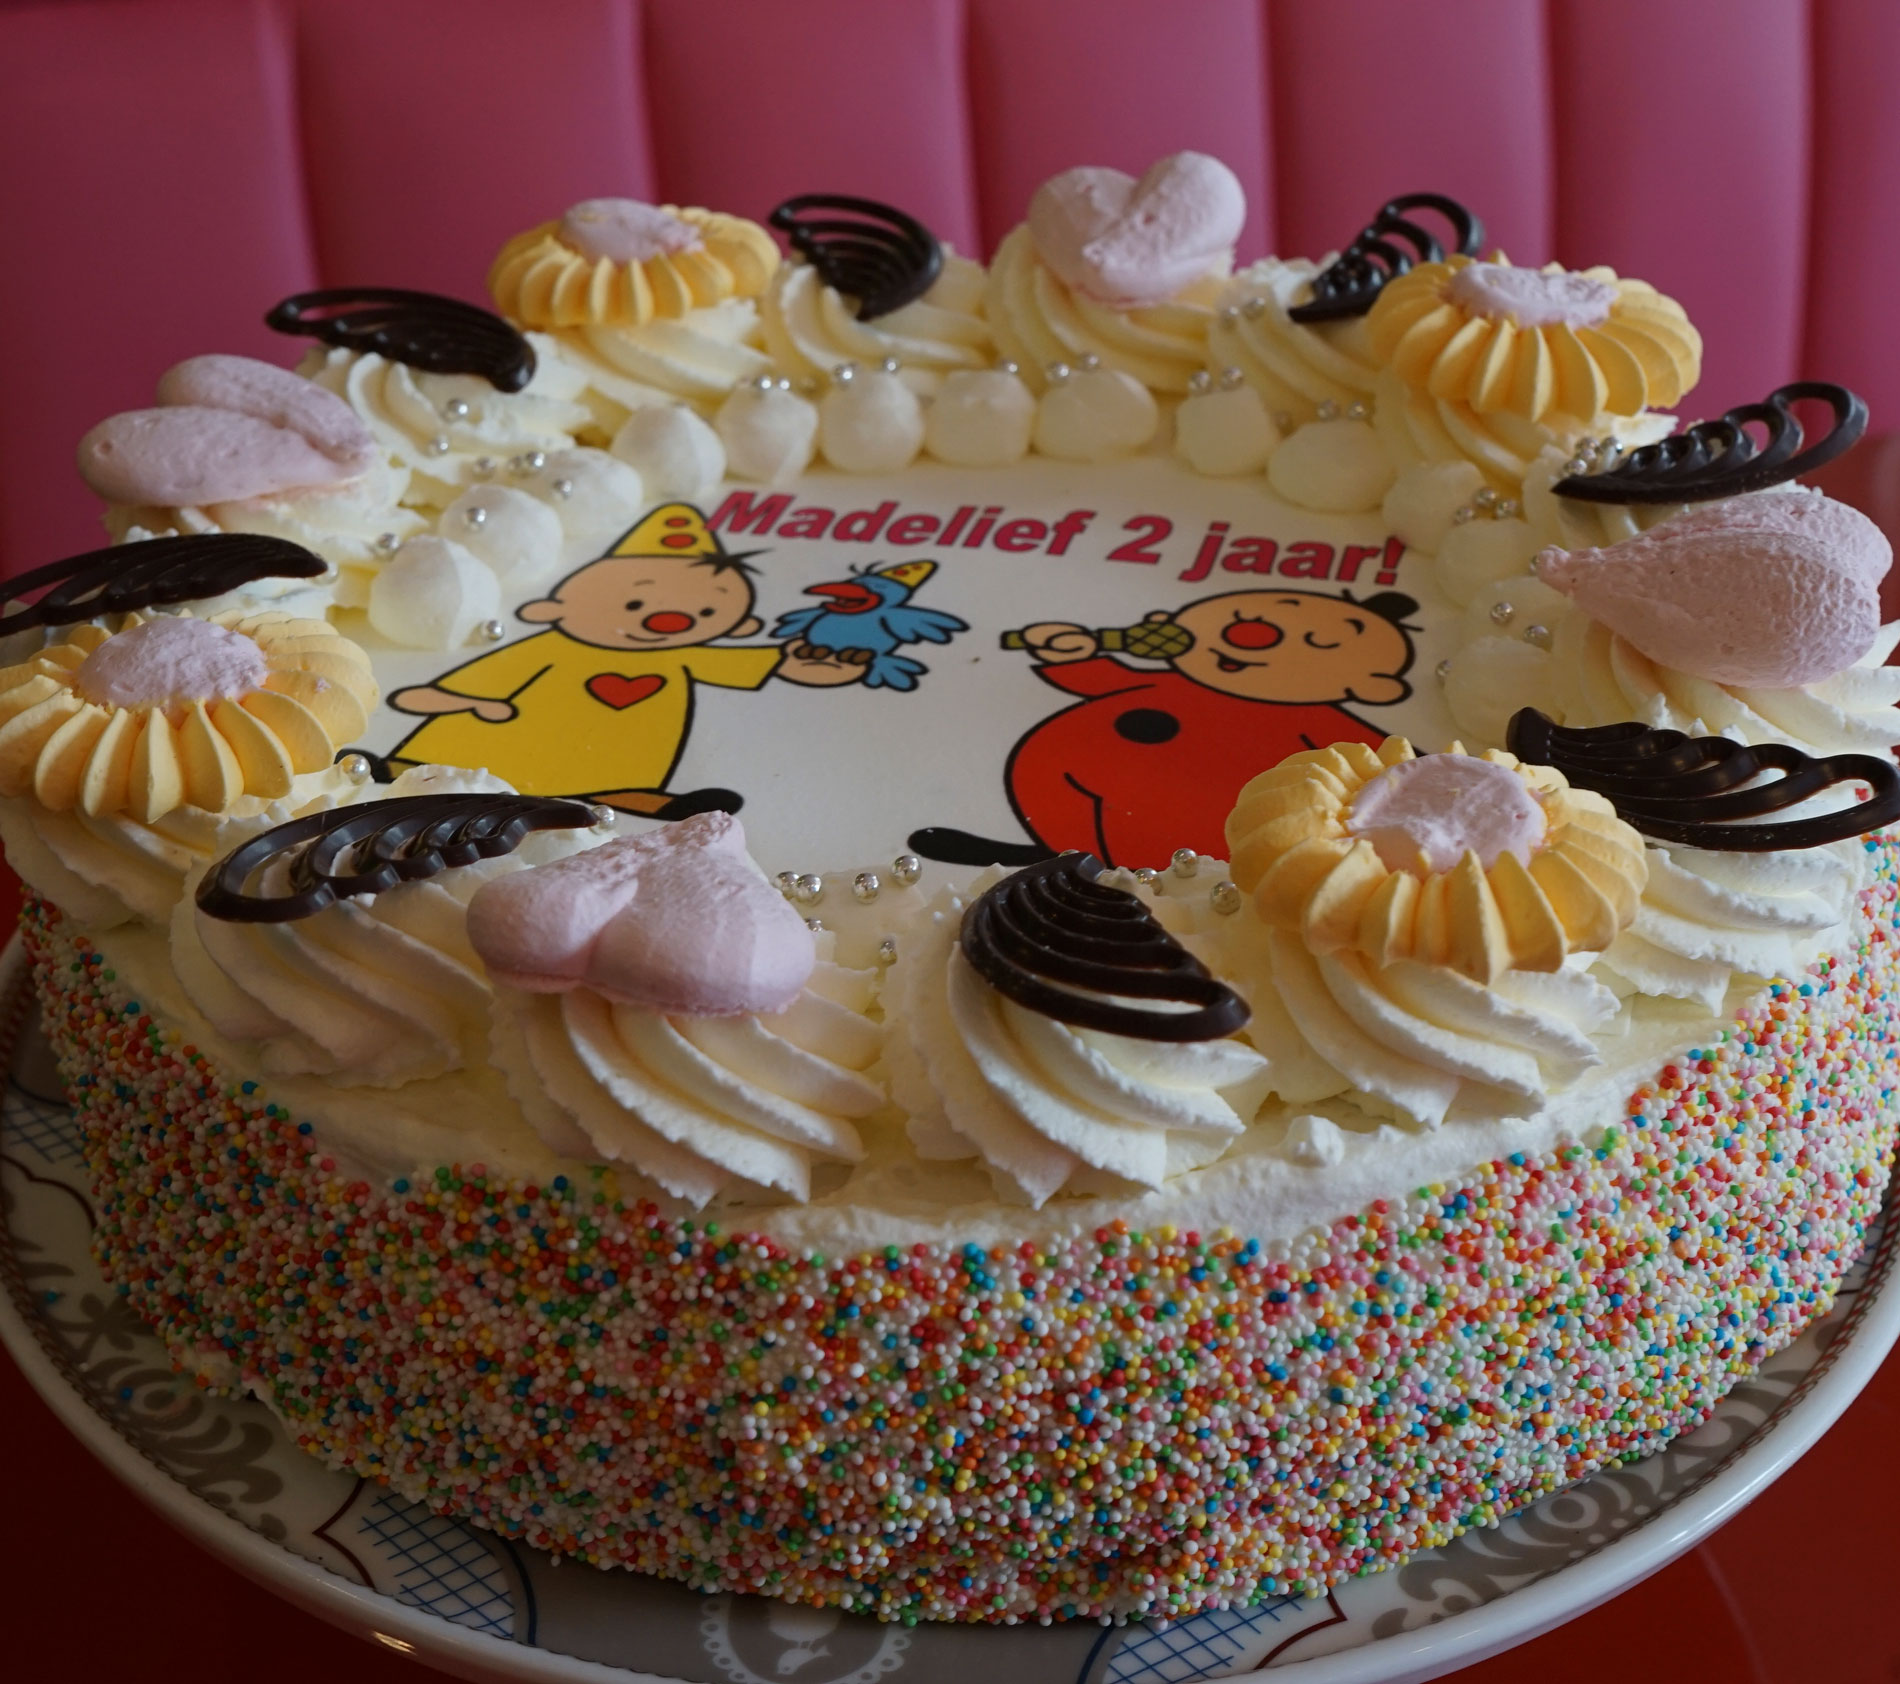 Vaak http://www.bakkerijnagelkerke.nl/online-taart-bestellen @JA-16